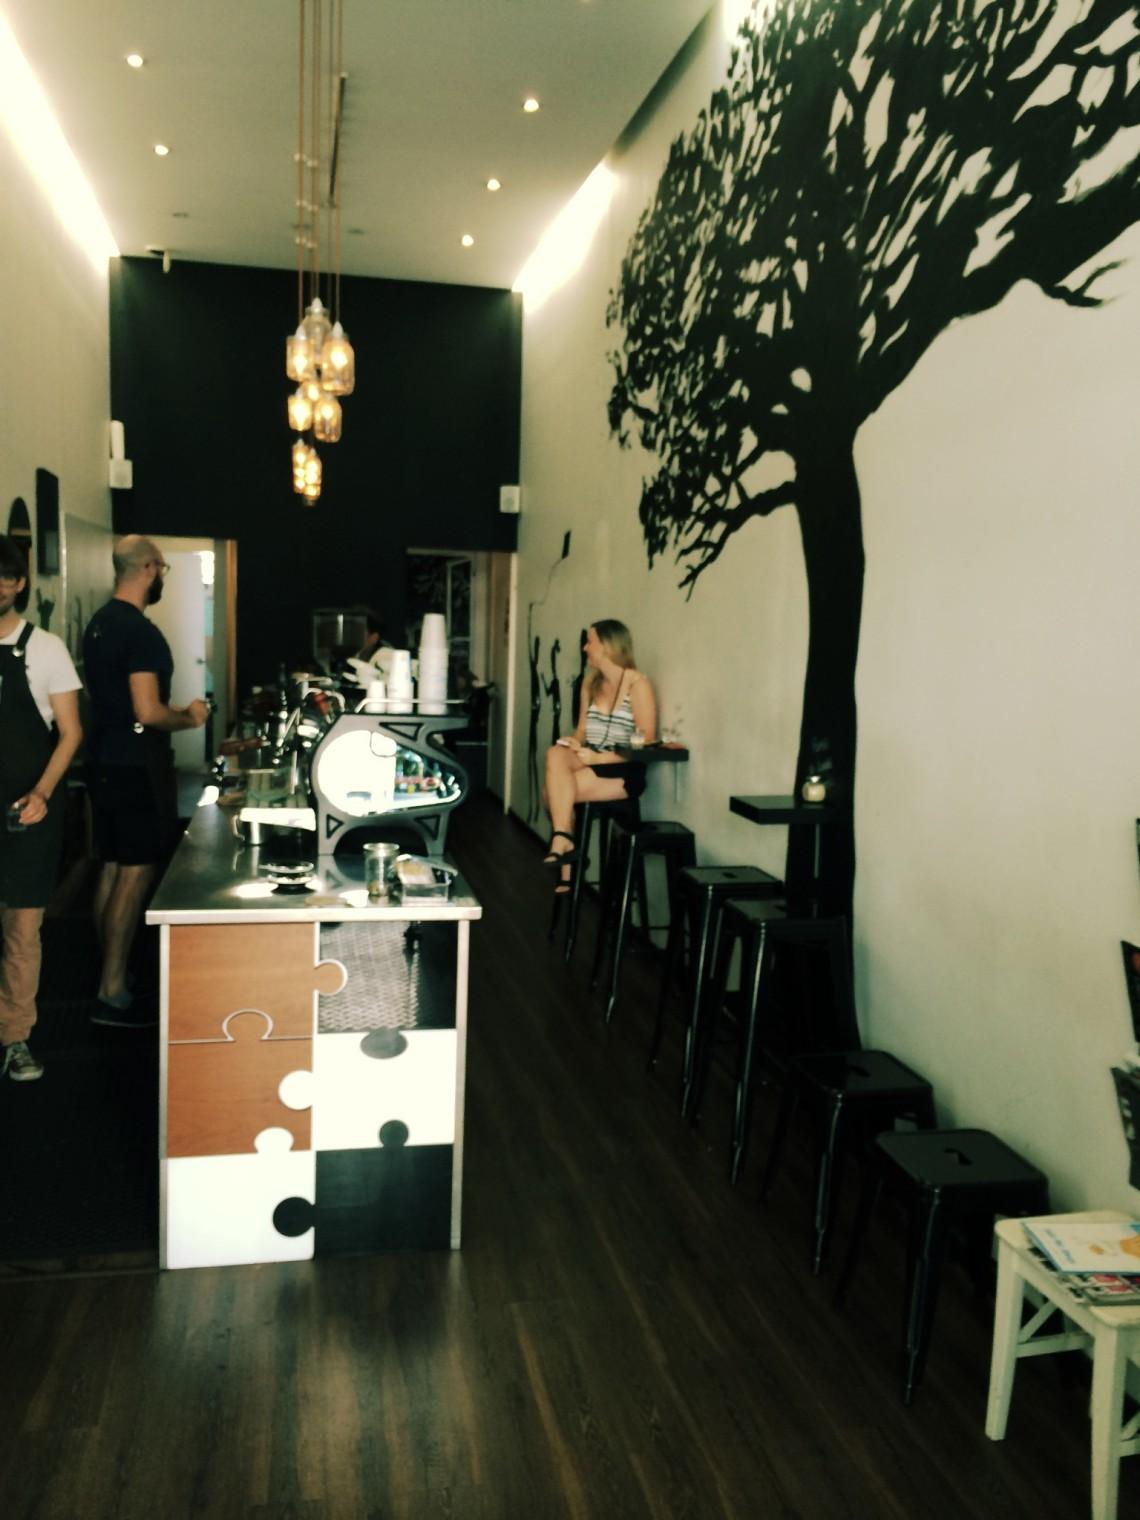 Vanilla32's photo of Ltd espresso brew bar, Fortitude Valley